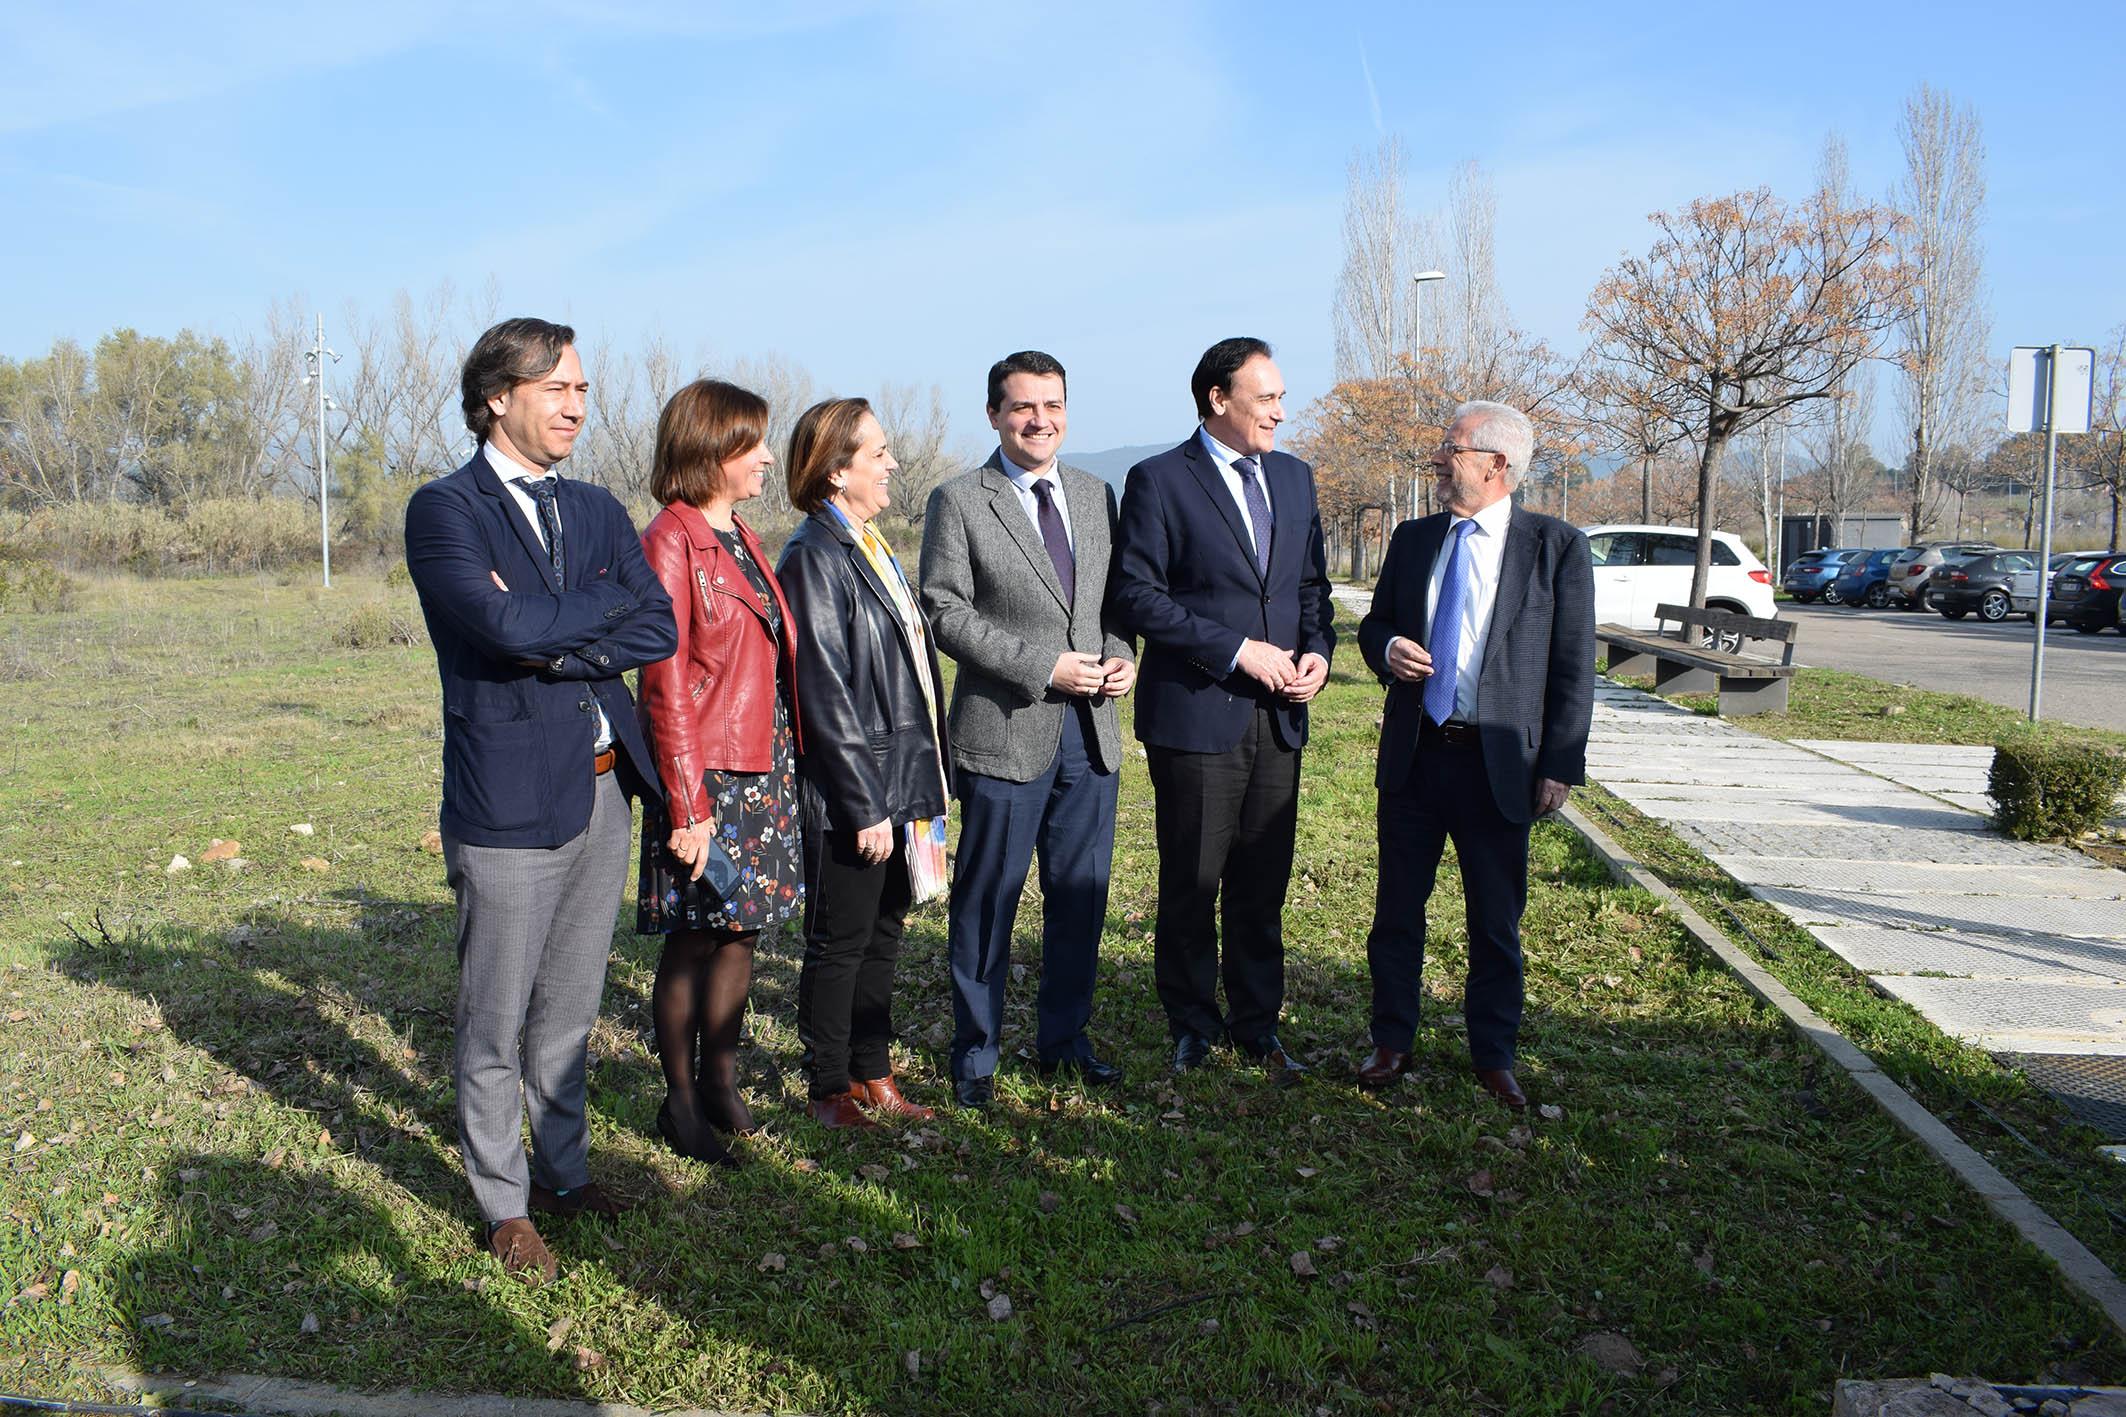 La Incubadora Córdoba Biotech, impulsada por el IMDEEC, Fibico y la UCO, saca a concurso el diseño de su logotipo